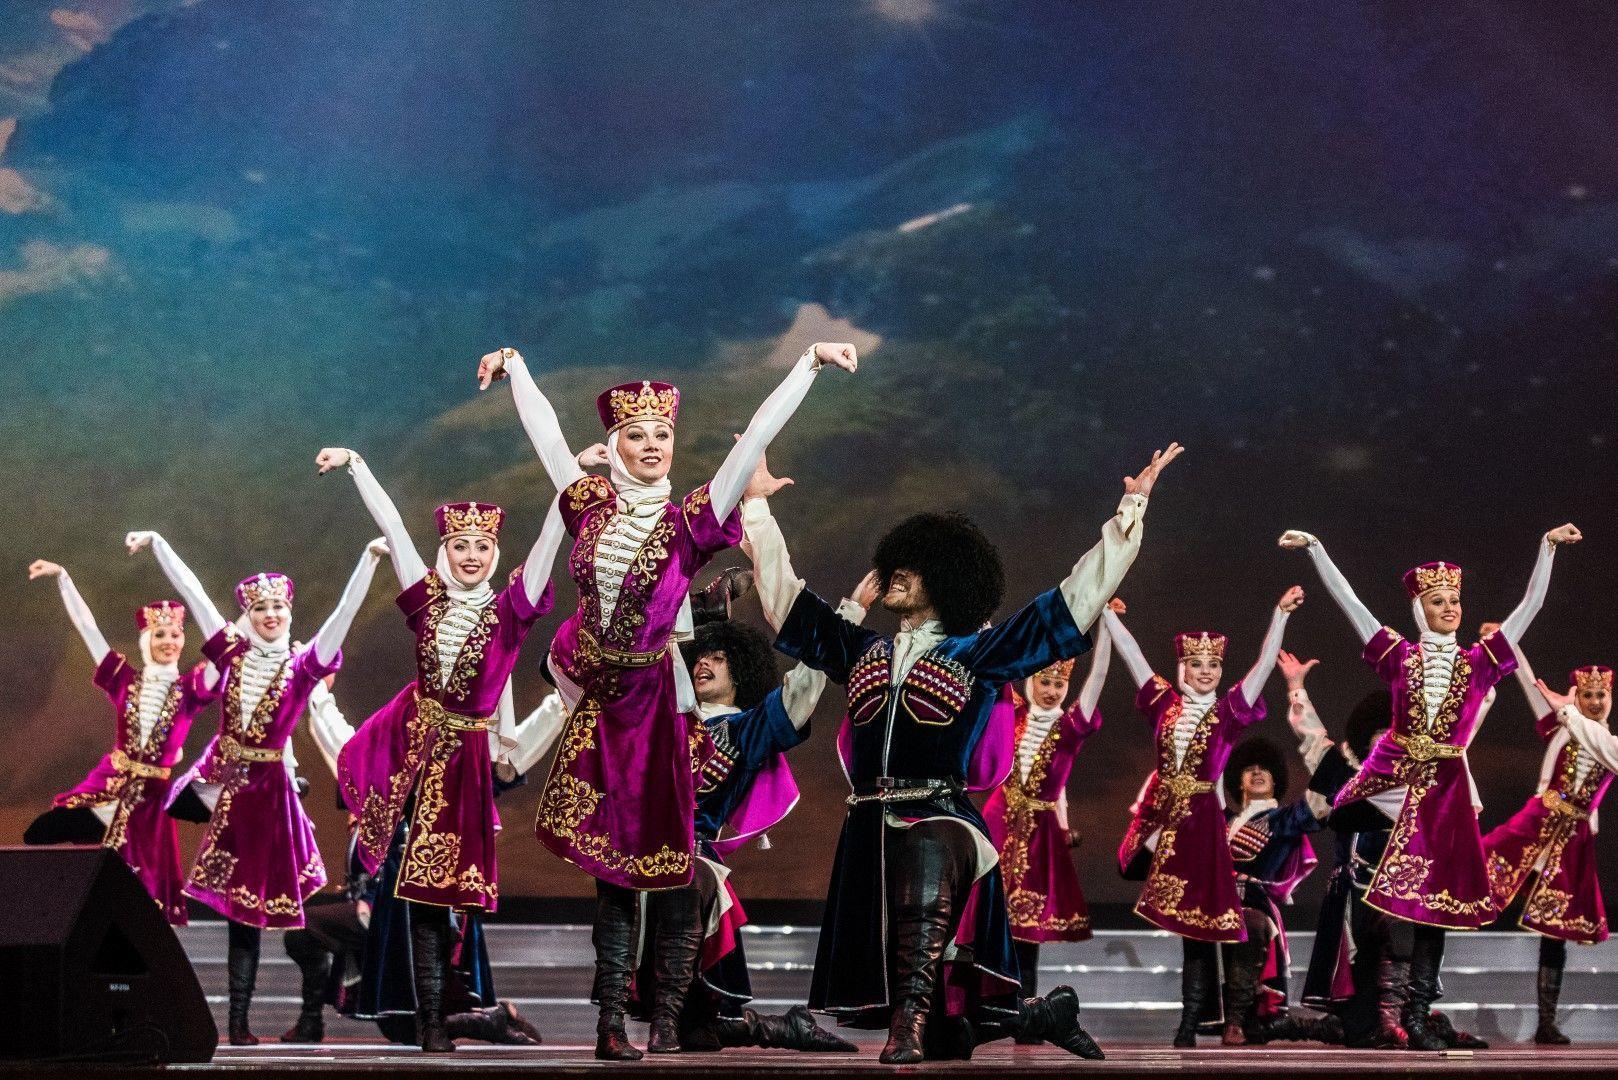 Ансамбль танца и песни «Кубанская казачья вольница» ©Фотография предоставлена пресс-службой краснодарской филармонии